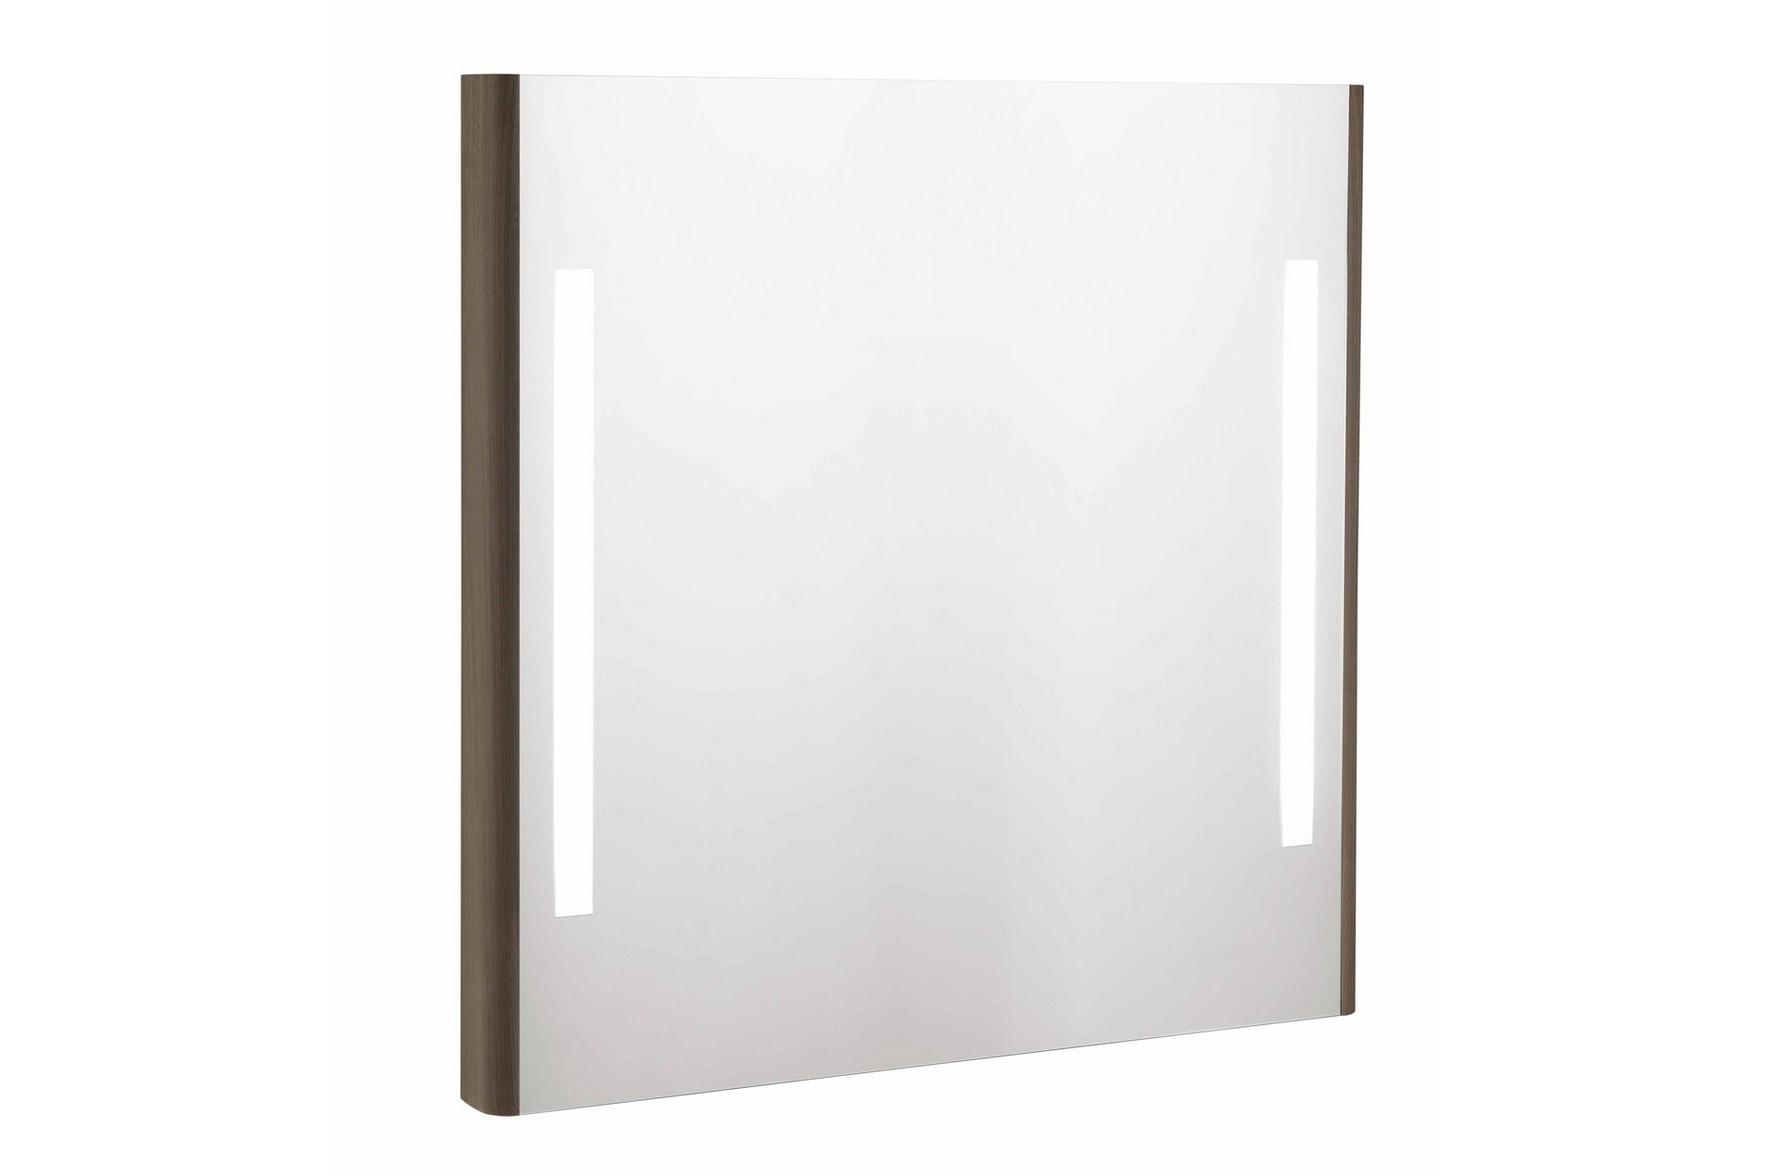 Oglinda cu lumini emma 80x80 cm- antracit - EMMA ROUNDED GALA - Poza 5